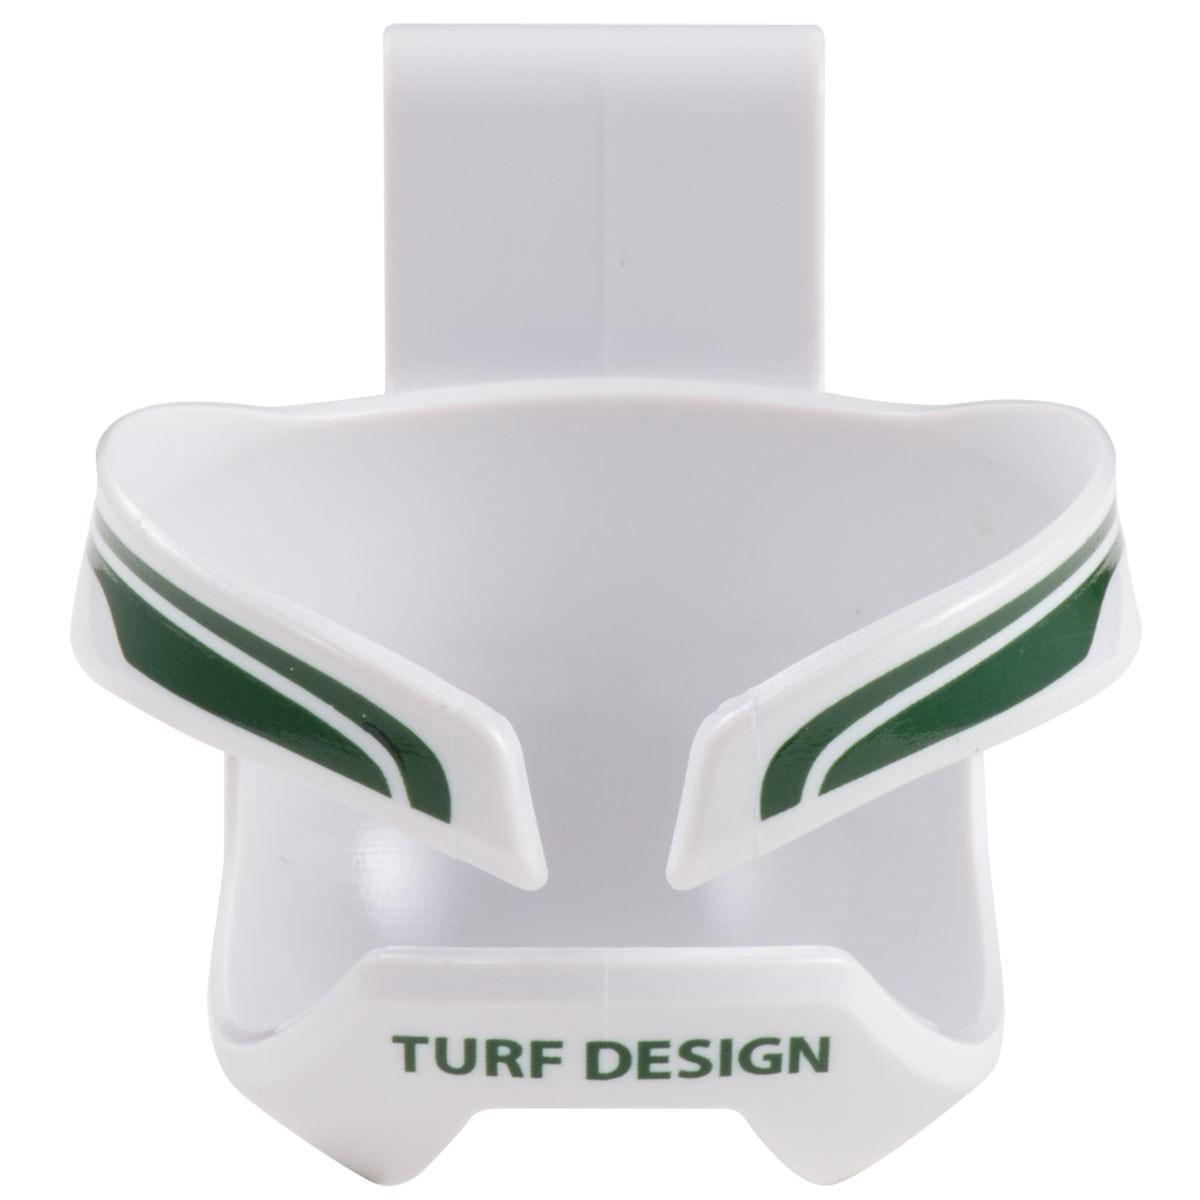 ターフデザイン TURF DESIGN ボールクロー[ゴルフ用品 ゴルフ ボール ゴルフボール golf gdo ギフト 通販 楽天]